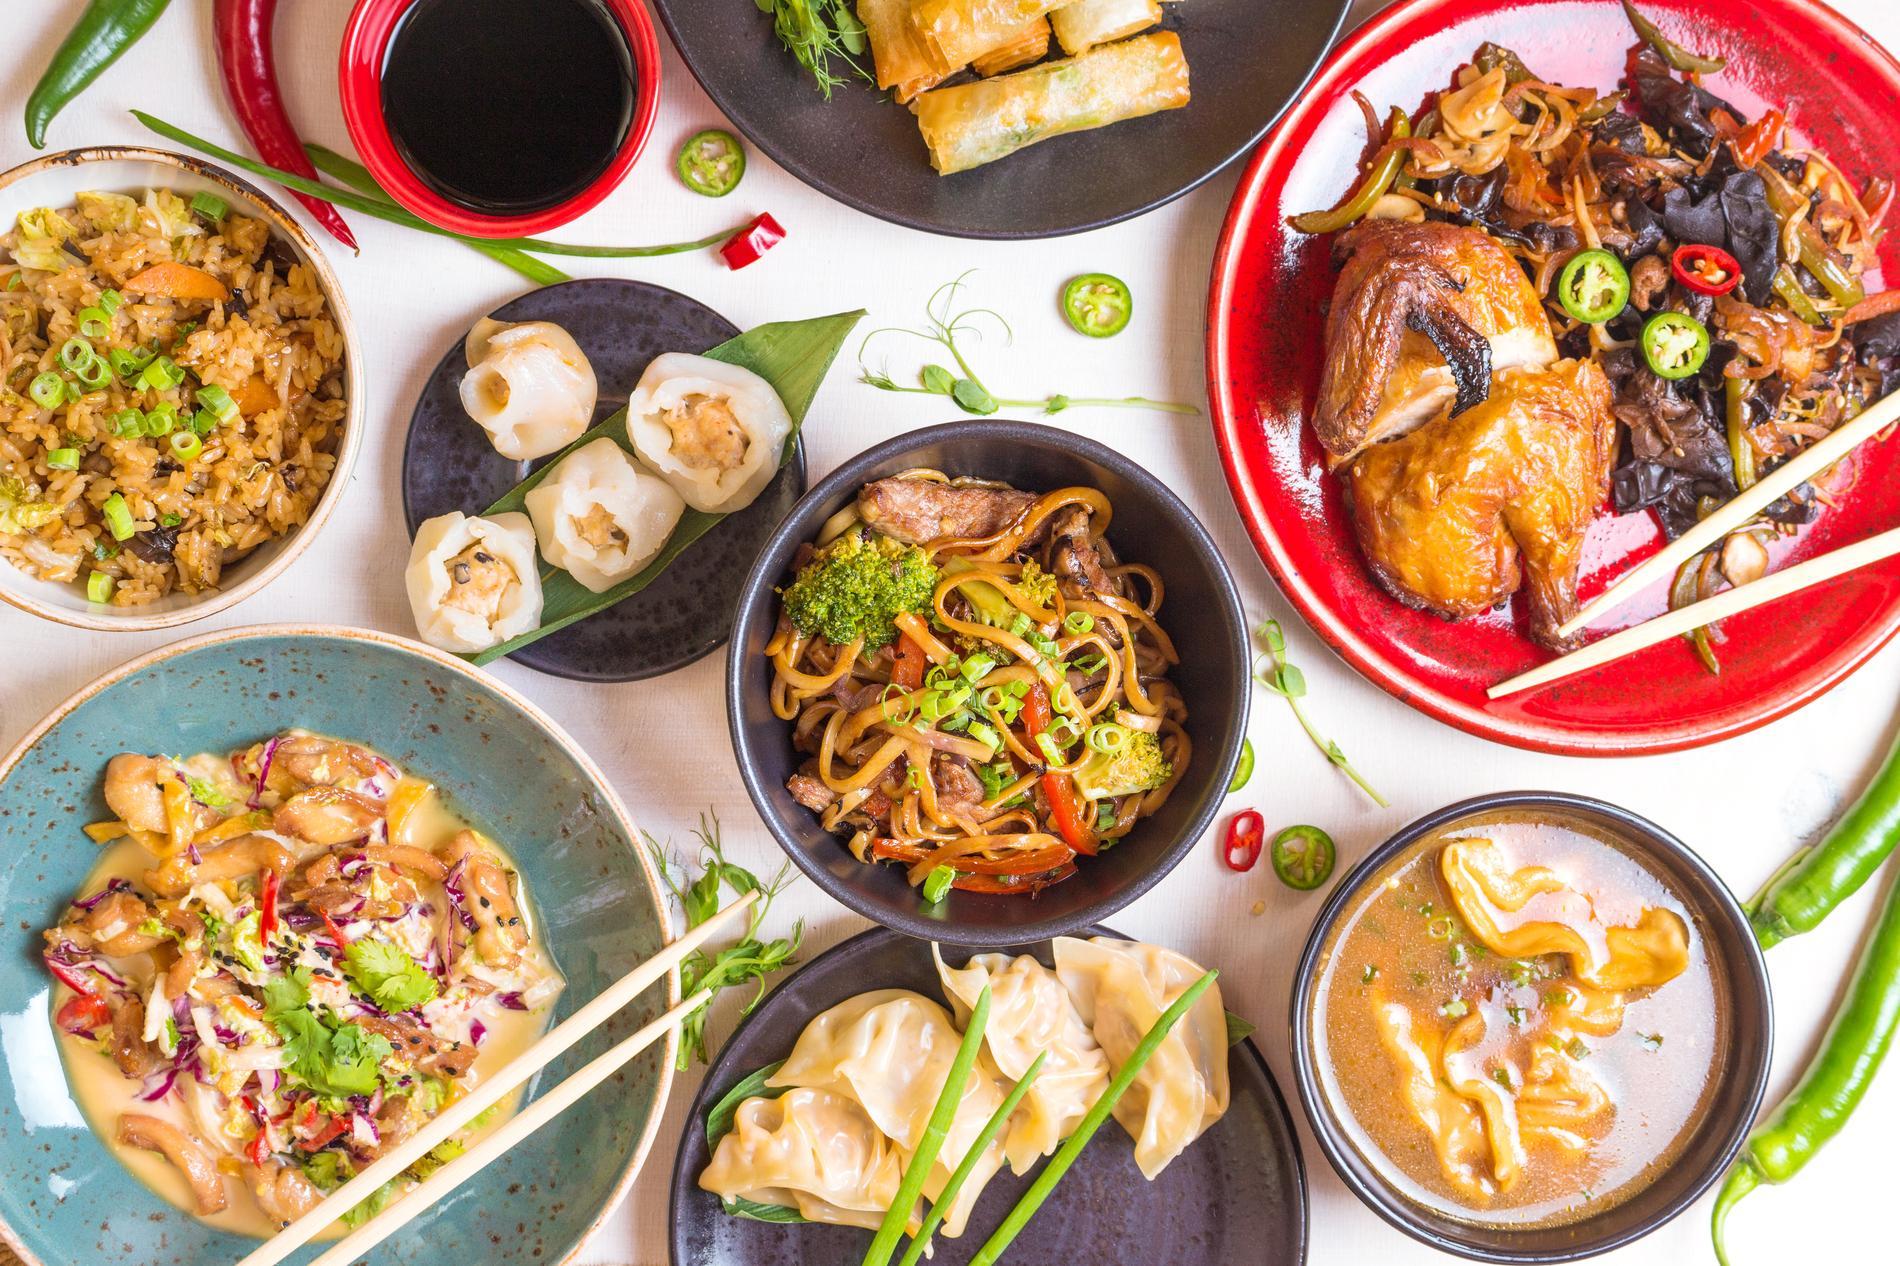 Recettes Cuisine Asiatique Recettes Faciles Et Rapides Cuisine